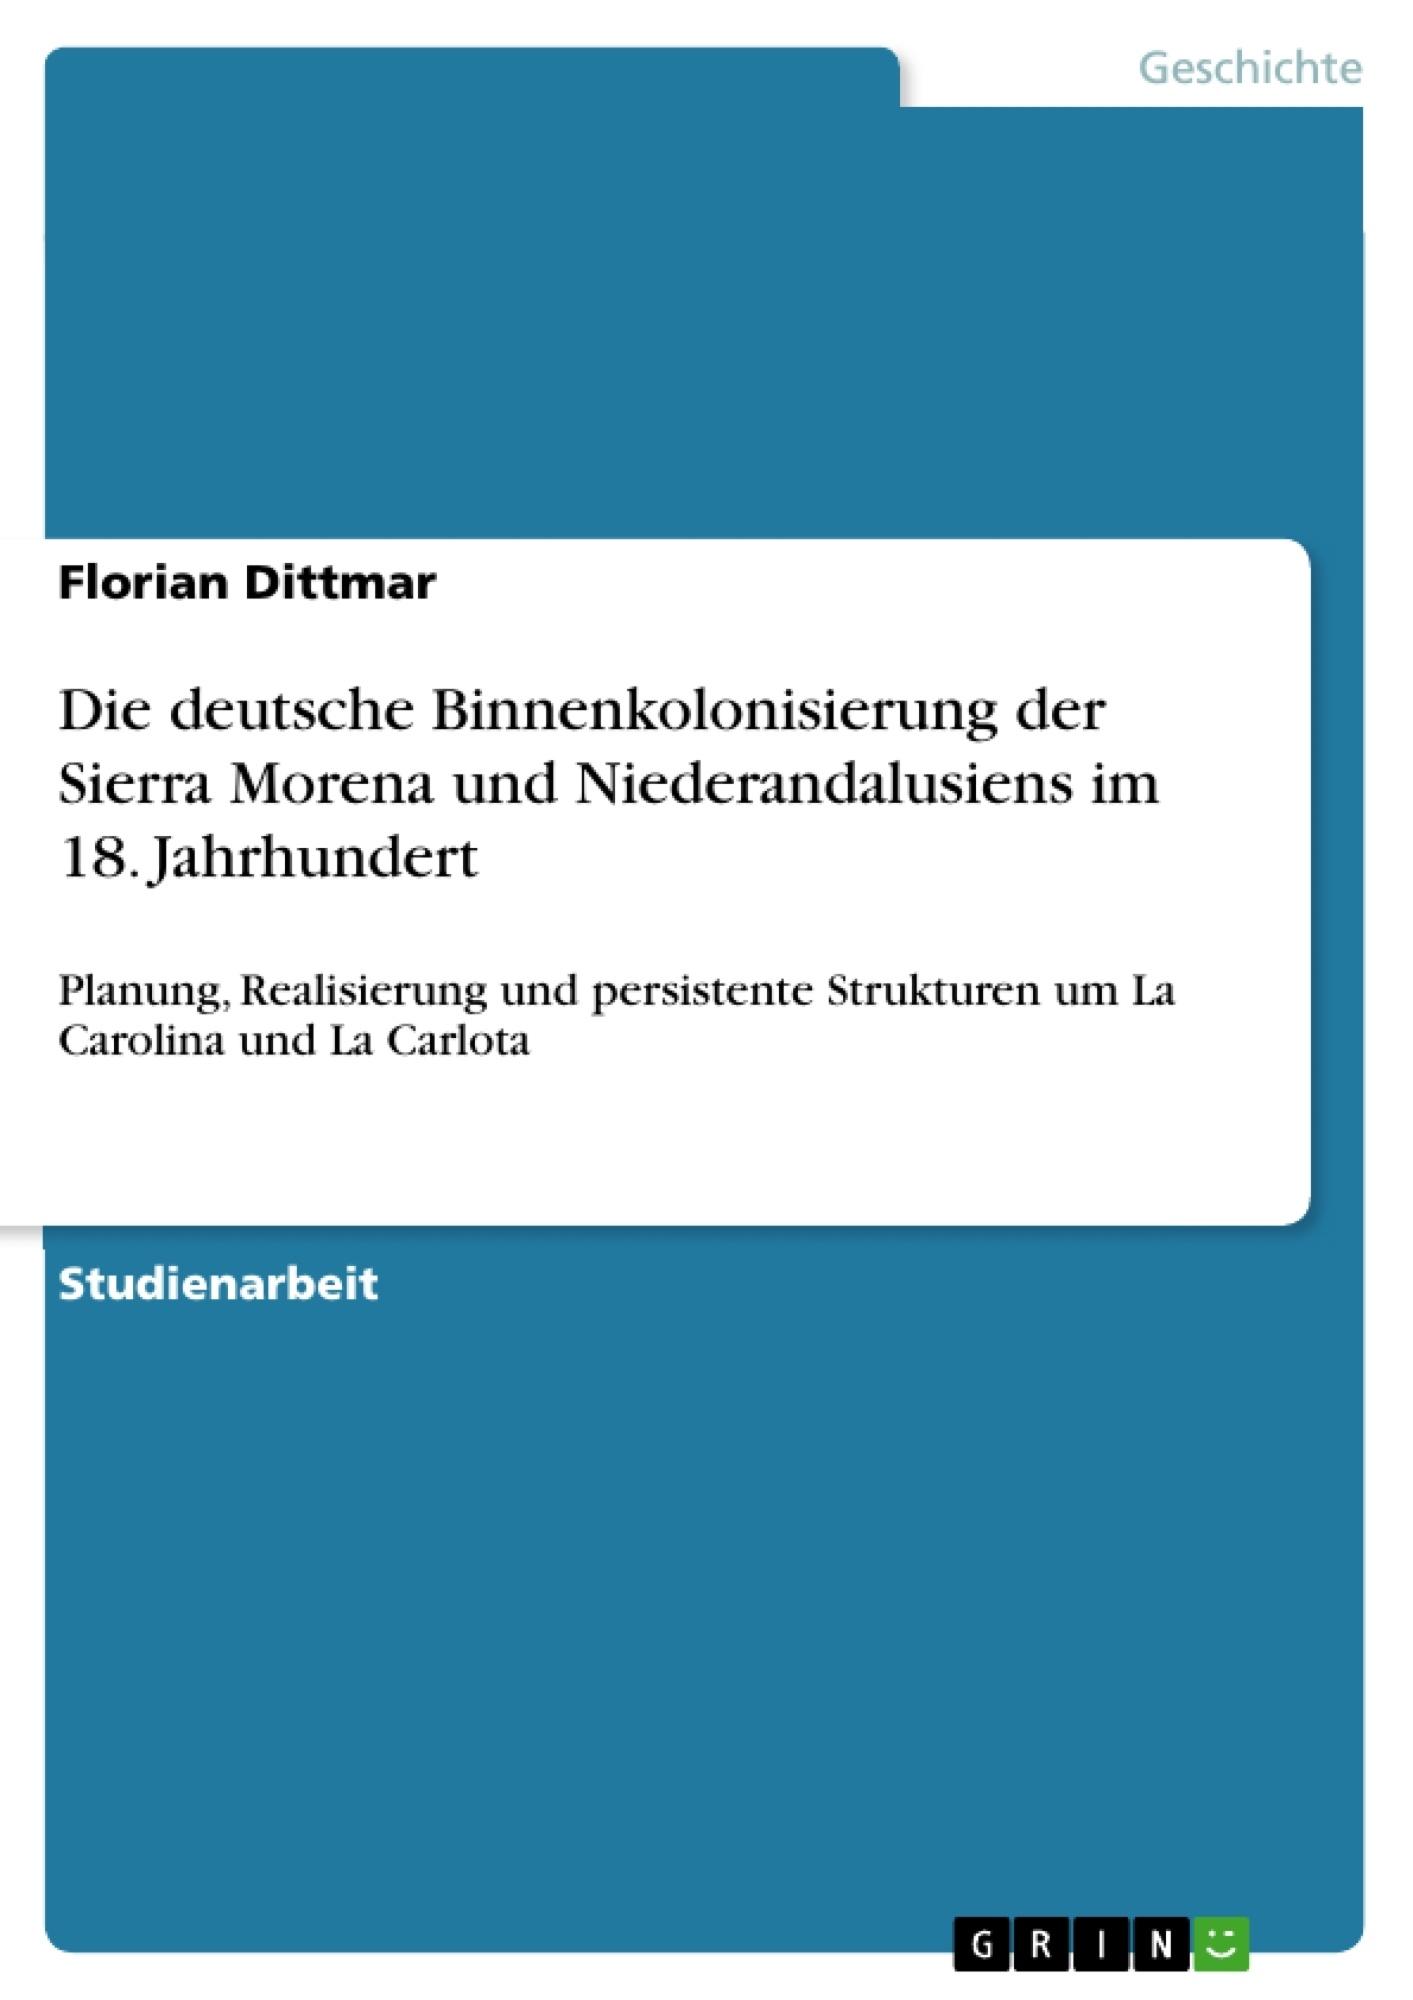 Titel: Die deutsche Binnenkolonisierung der Sierra Morena und Niederandalusiens im 18. Jahrhundert